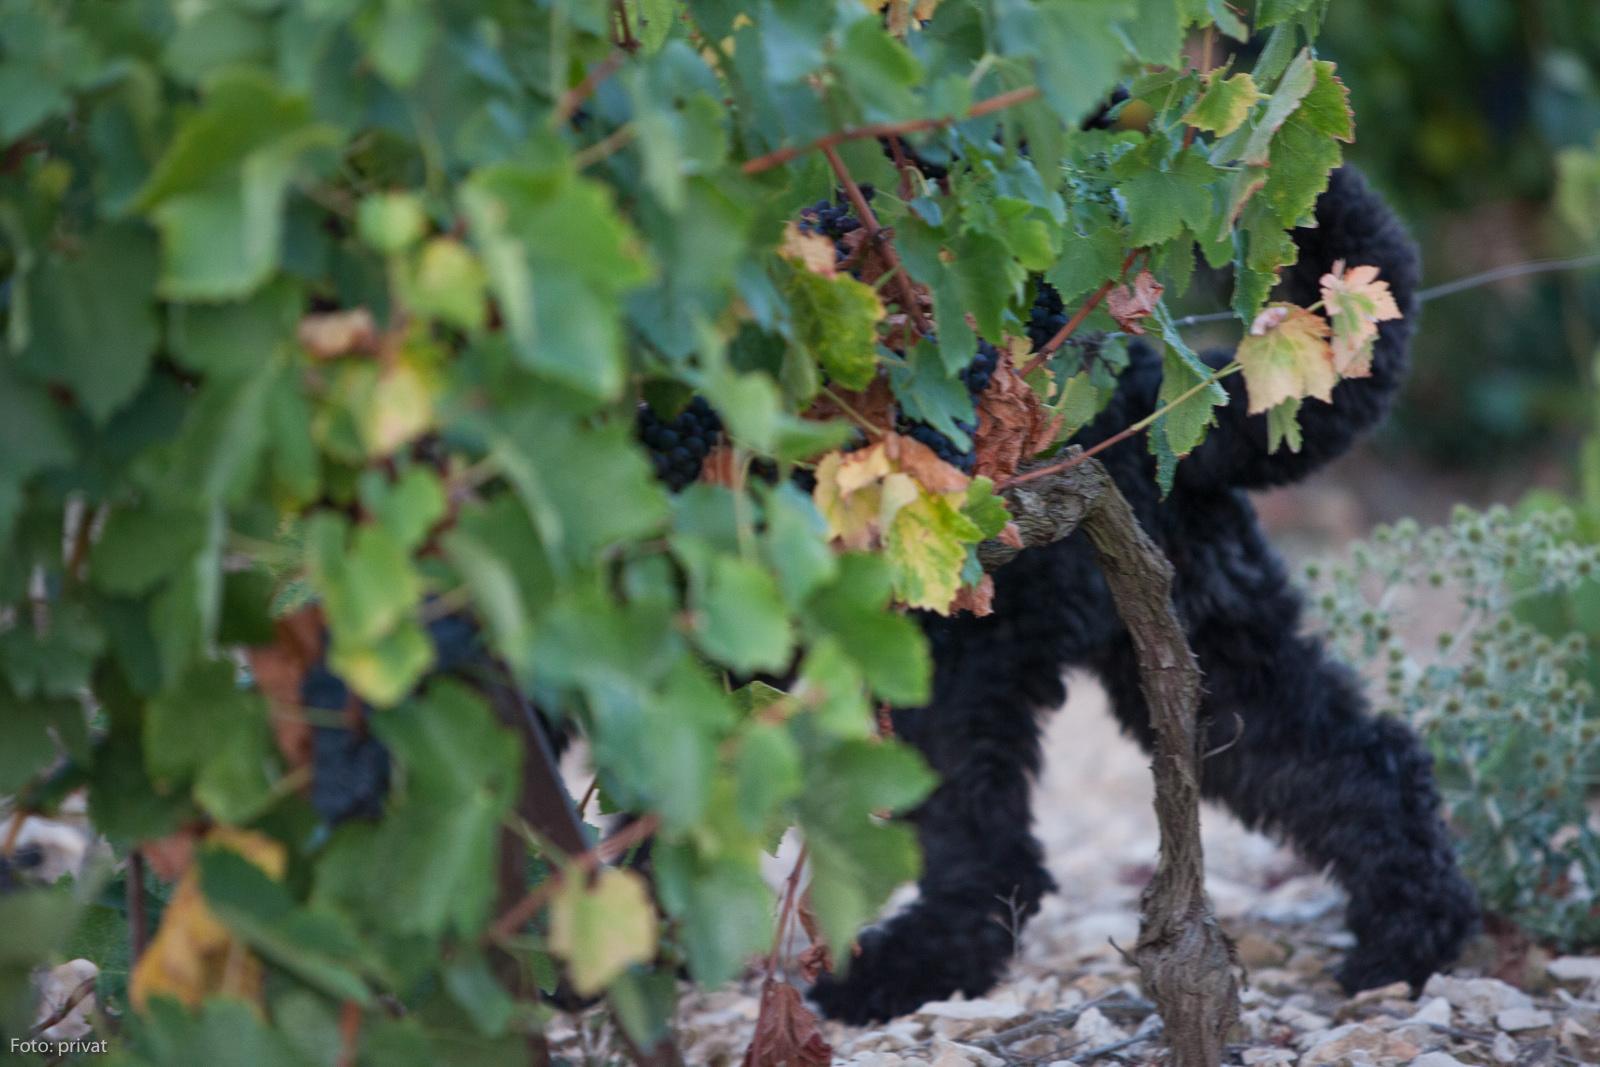 Bärenpanther in einem Weinberg in der Nähe von Minerve im Languedoc.